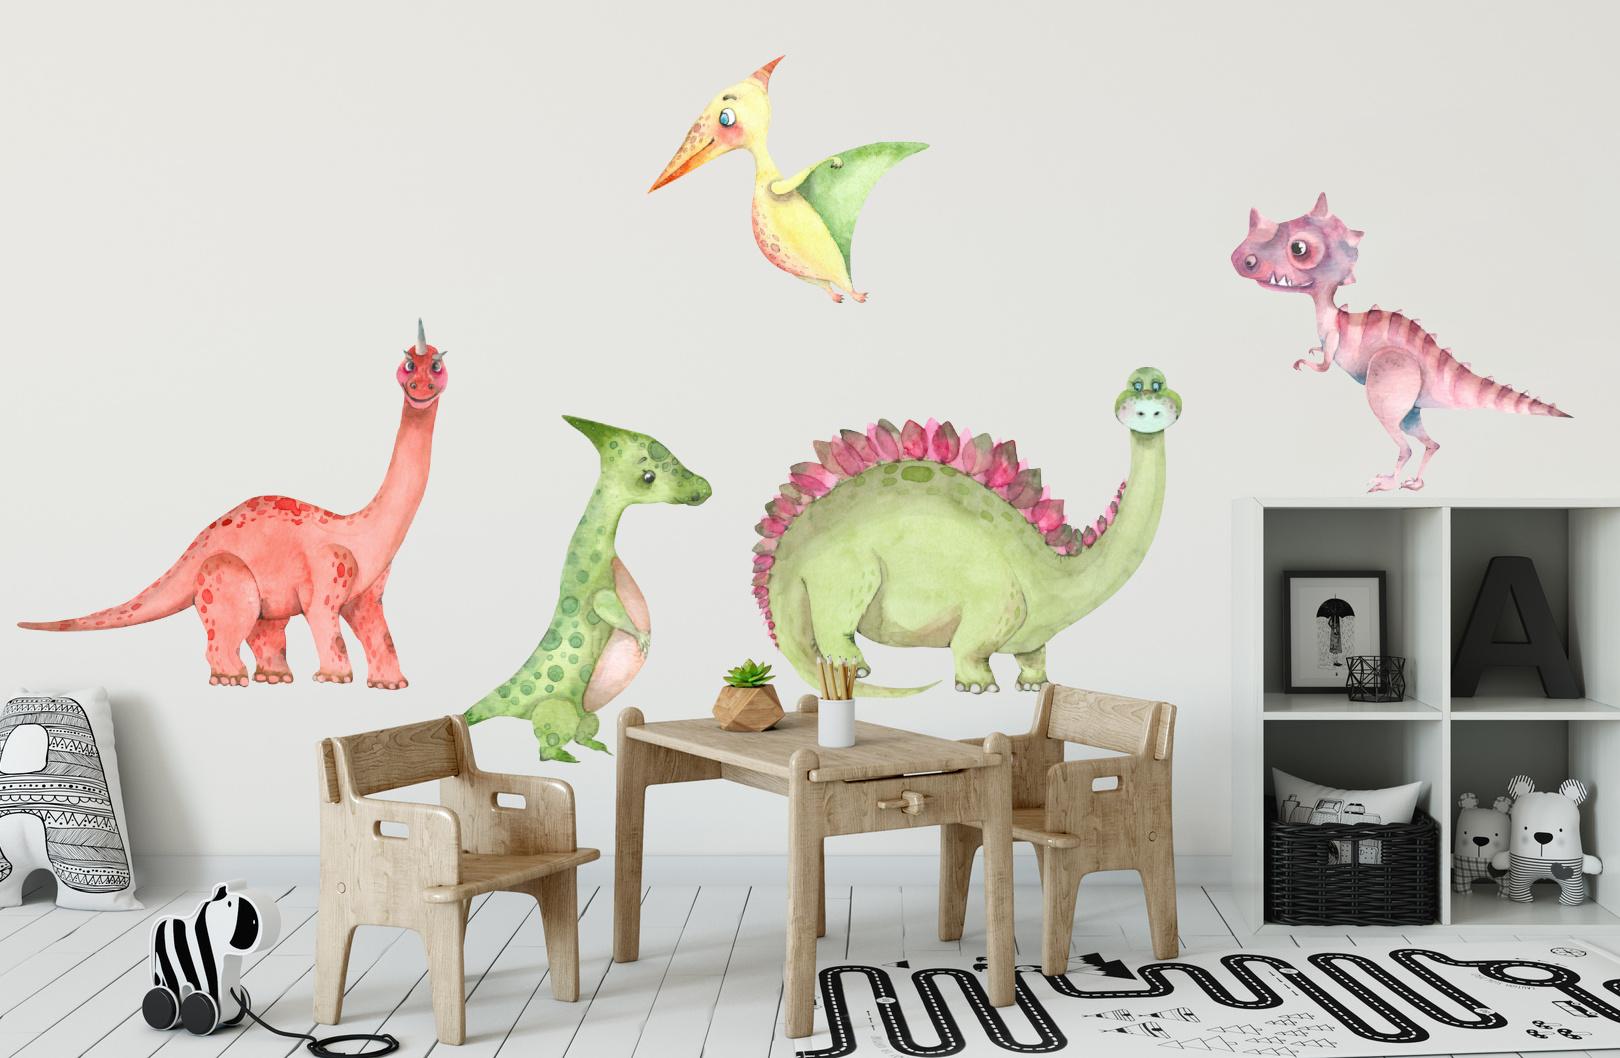 dinozaury zestaw 2.jpg